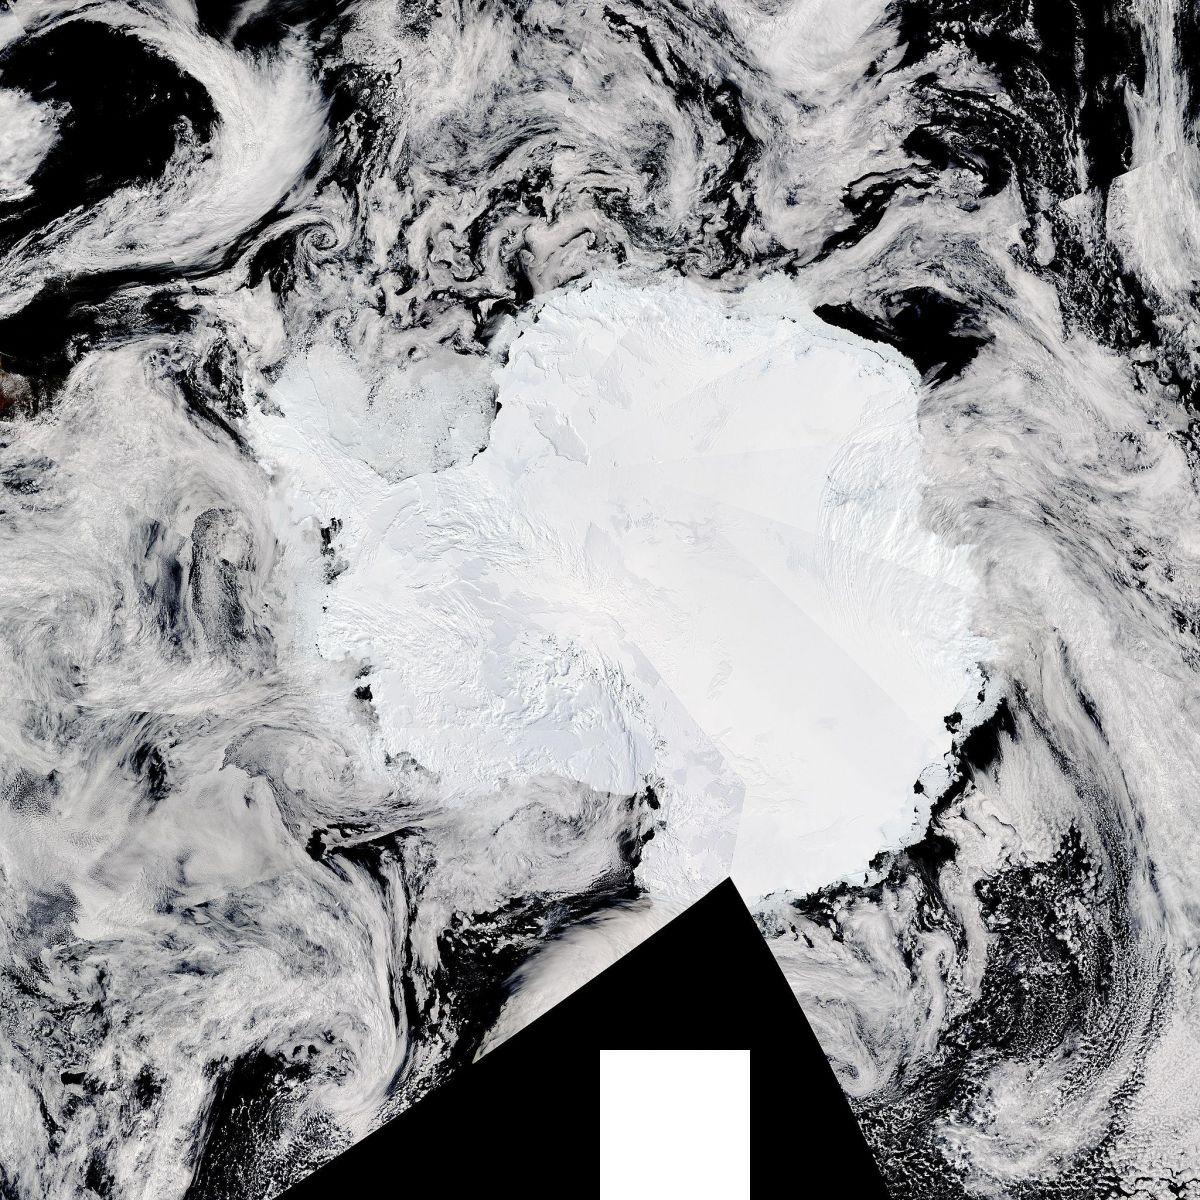 fonte de la banquise arctique